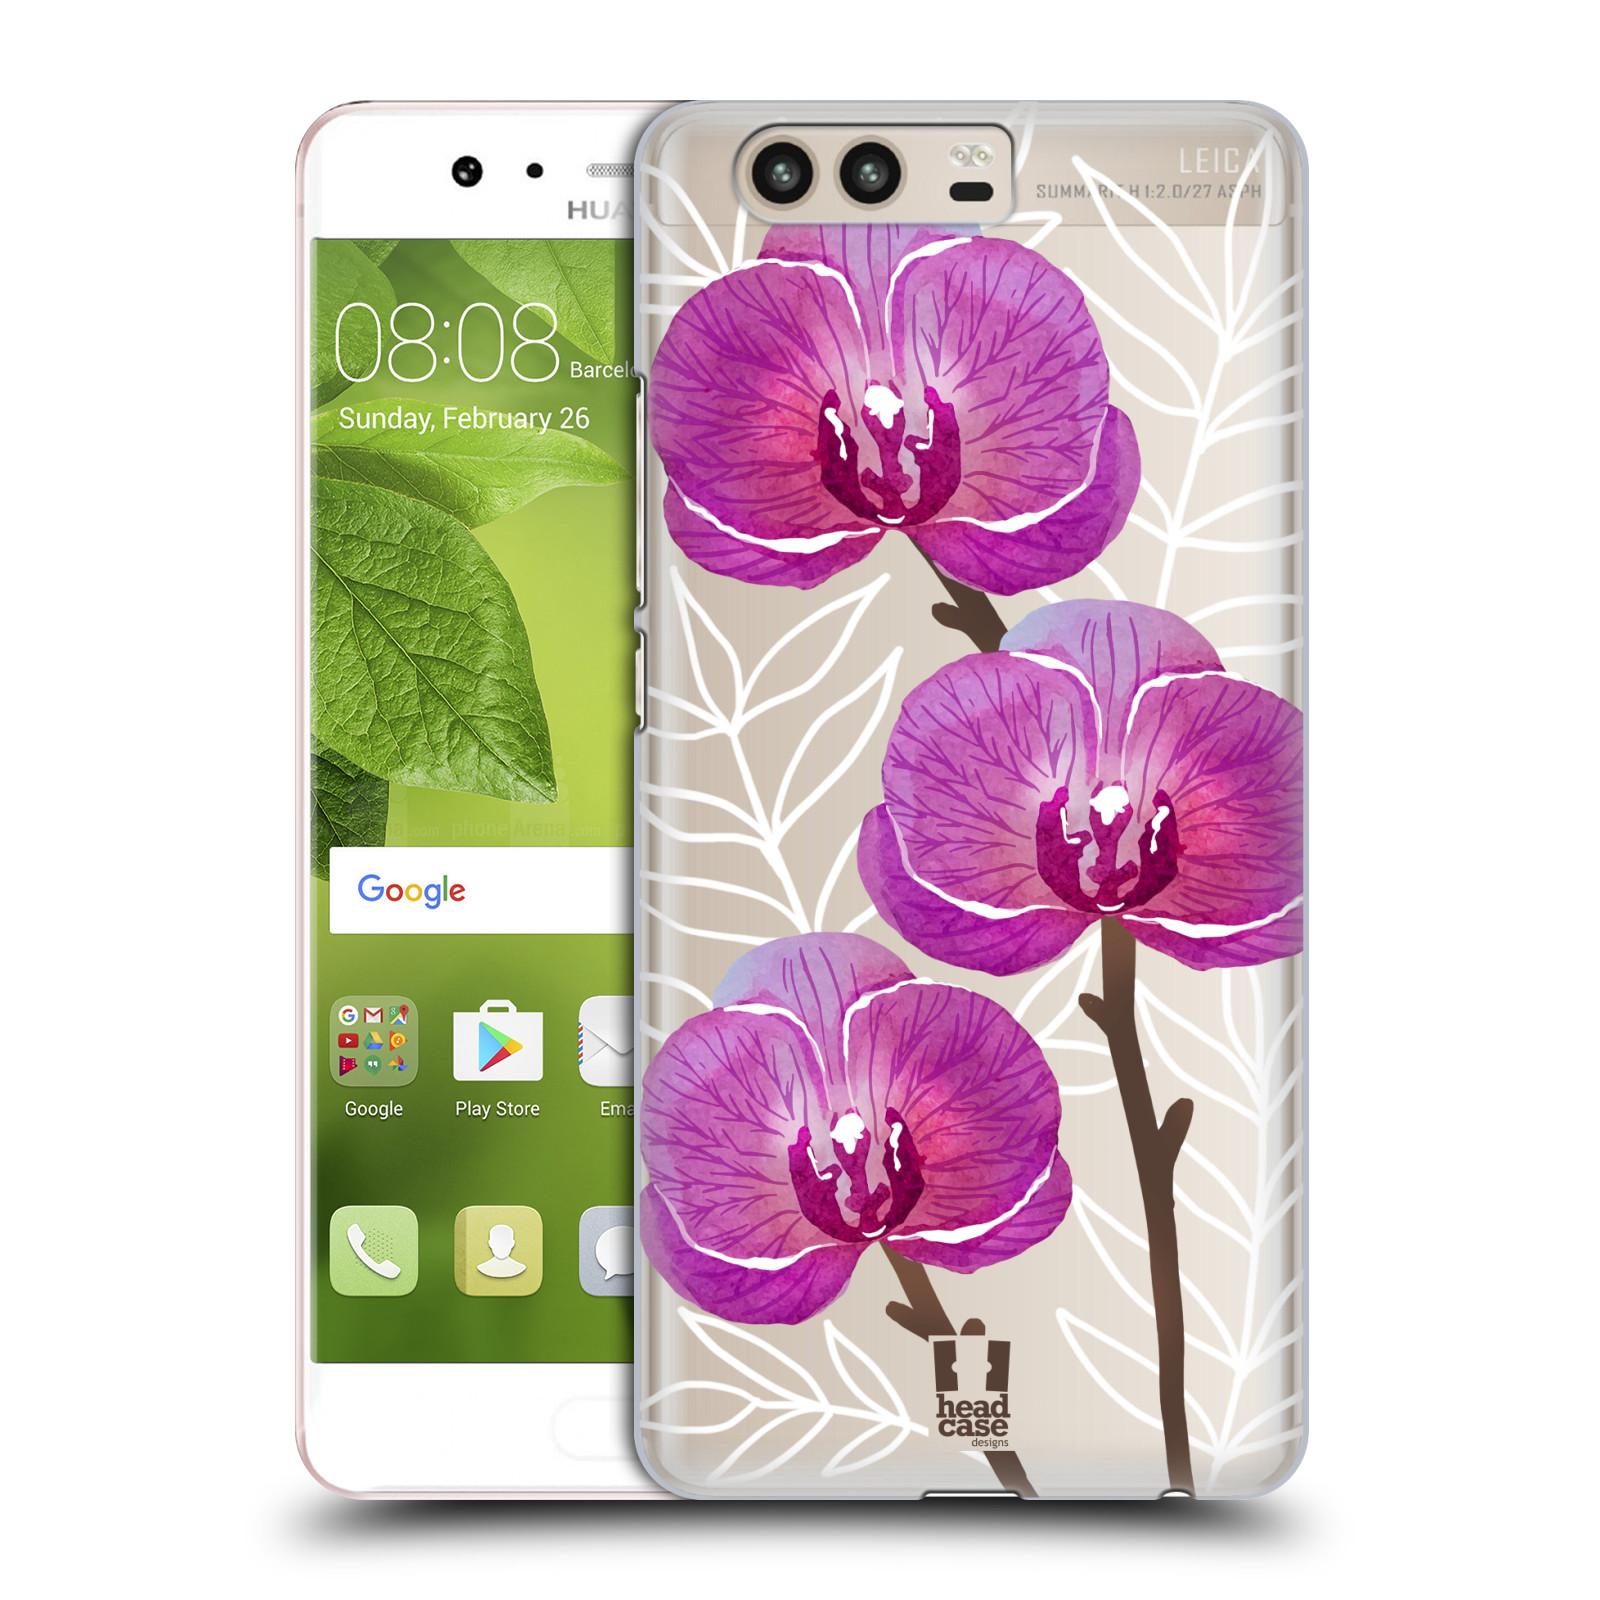 Plastové pouzdro na mobil Huawei P10 - Head Case - Hezoučké kvítky - průhledné (Plastový kryt či obal na mobilní telefon s motivem hezoučkých kvítků pro Huawei P10 (Dual SIM))